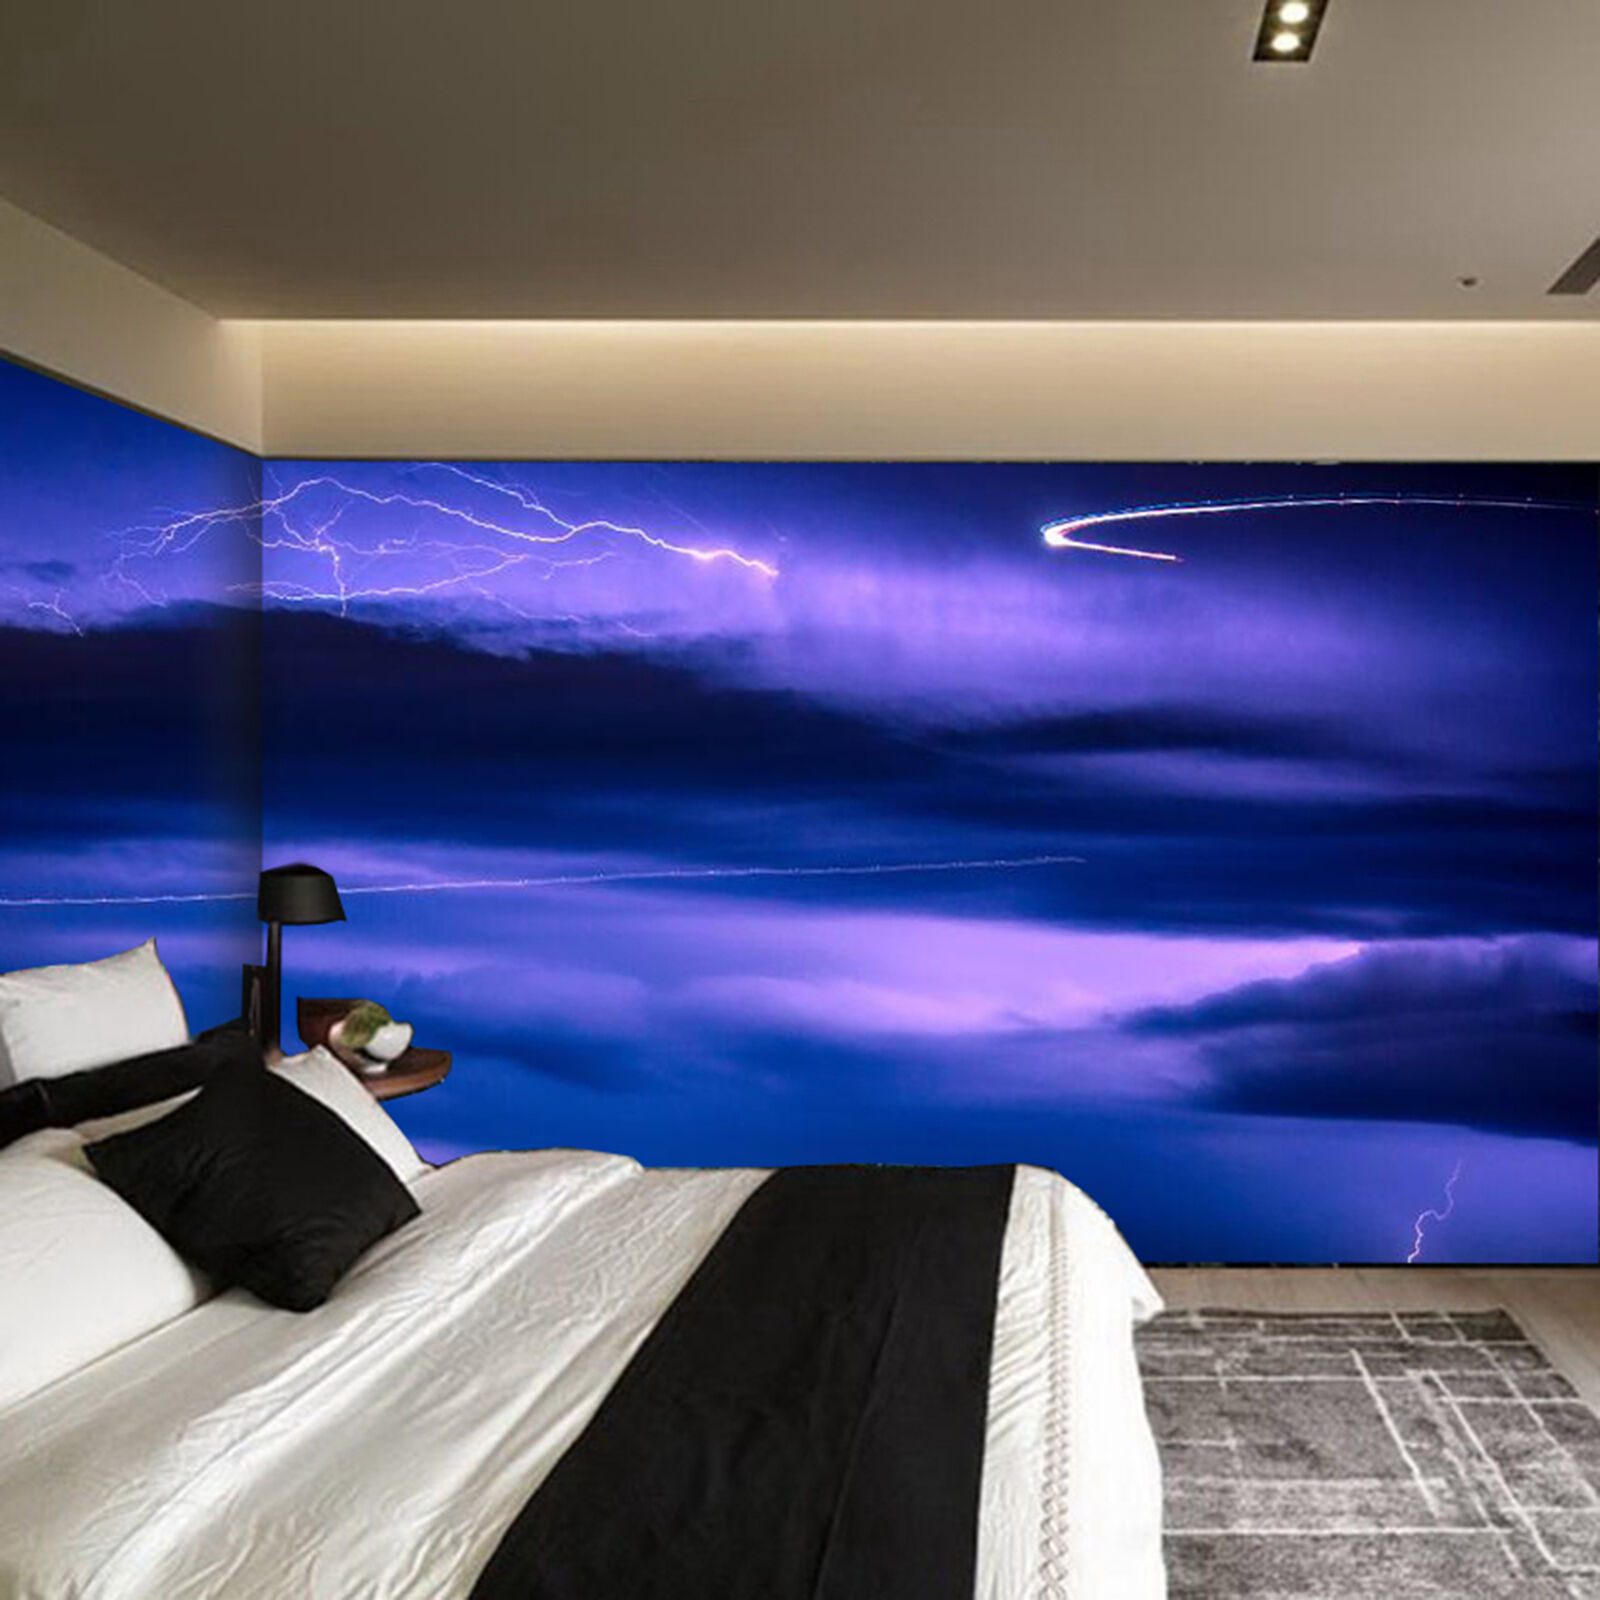 3D Der Himmel blitz 838 Wandbild Fototapete Bild Tapete Familie Kinder DE Lemon